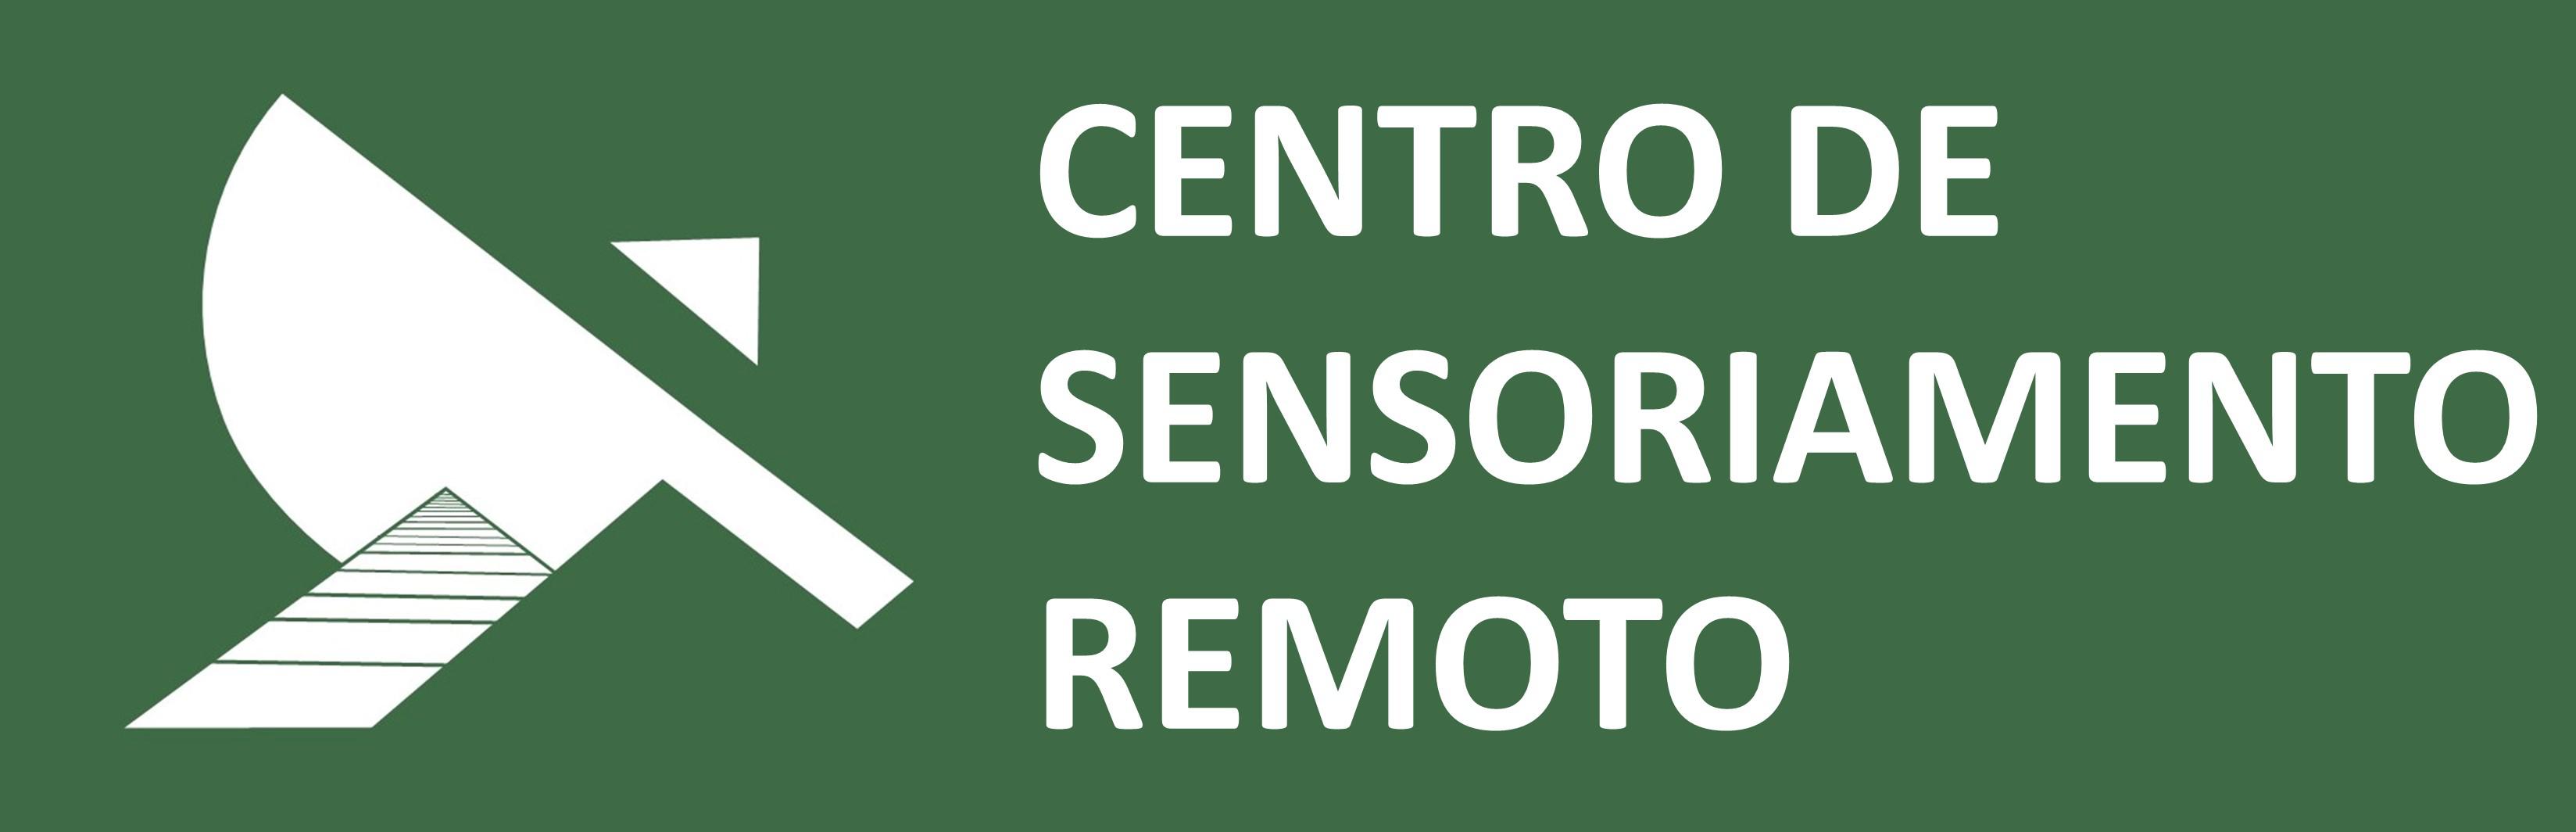 Centro de Sensoriamento Remoto